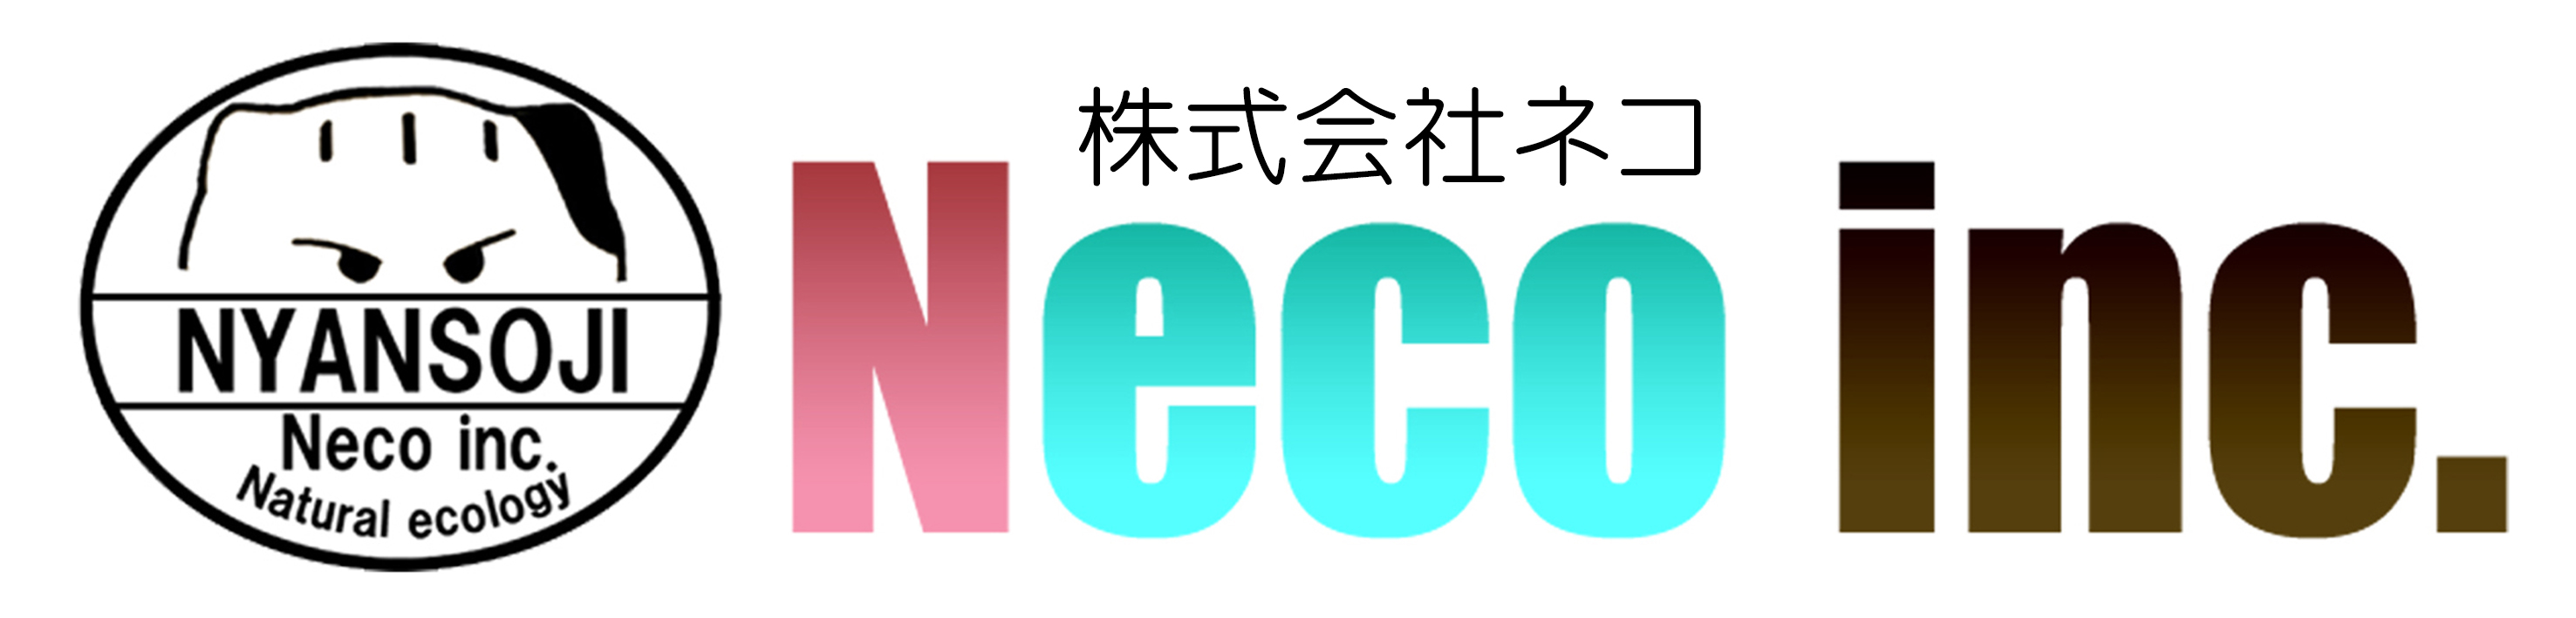 neco clean